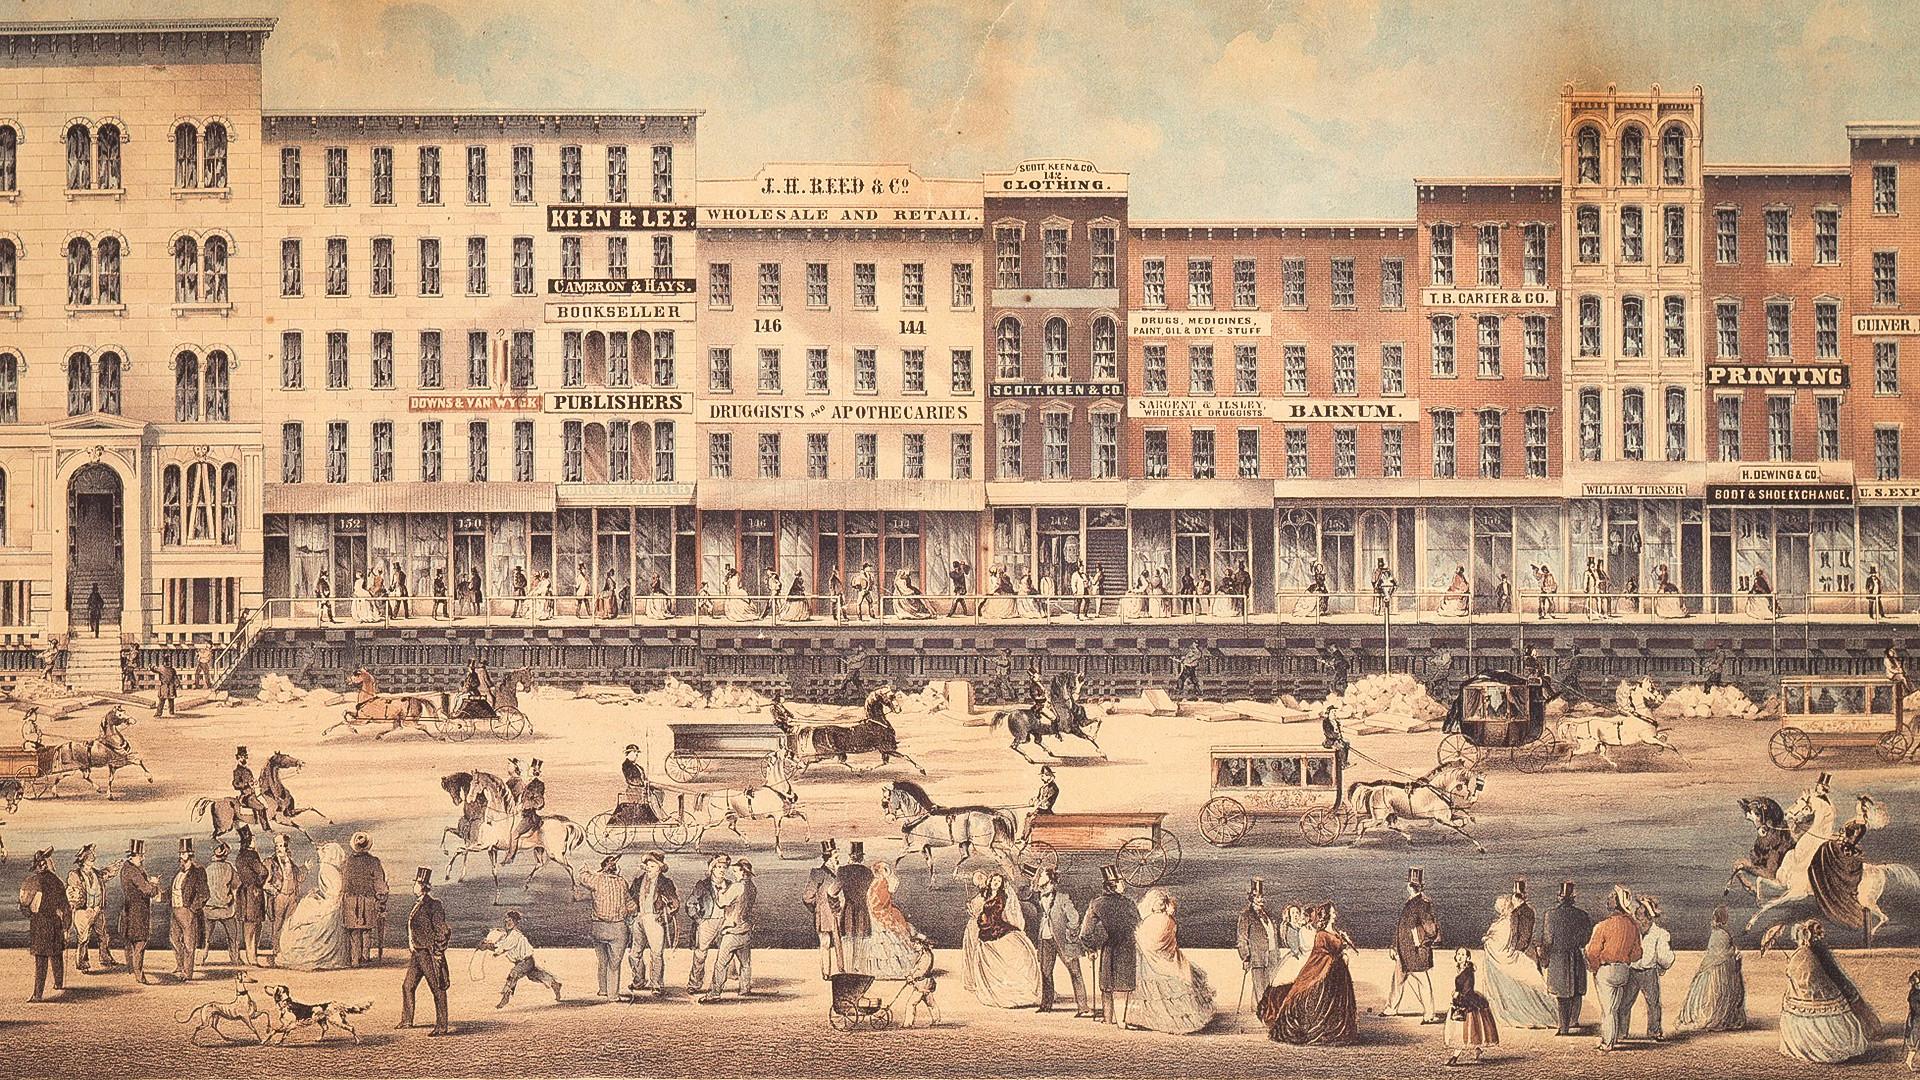 Chicago na década de 1860.